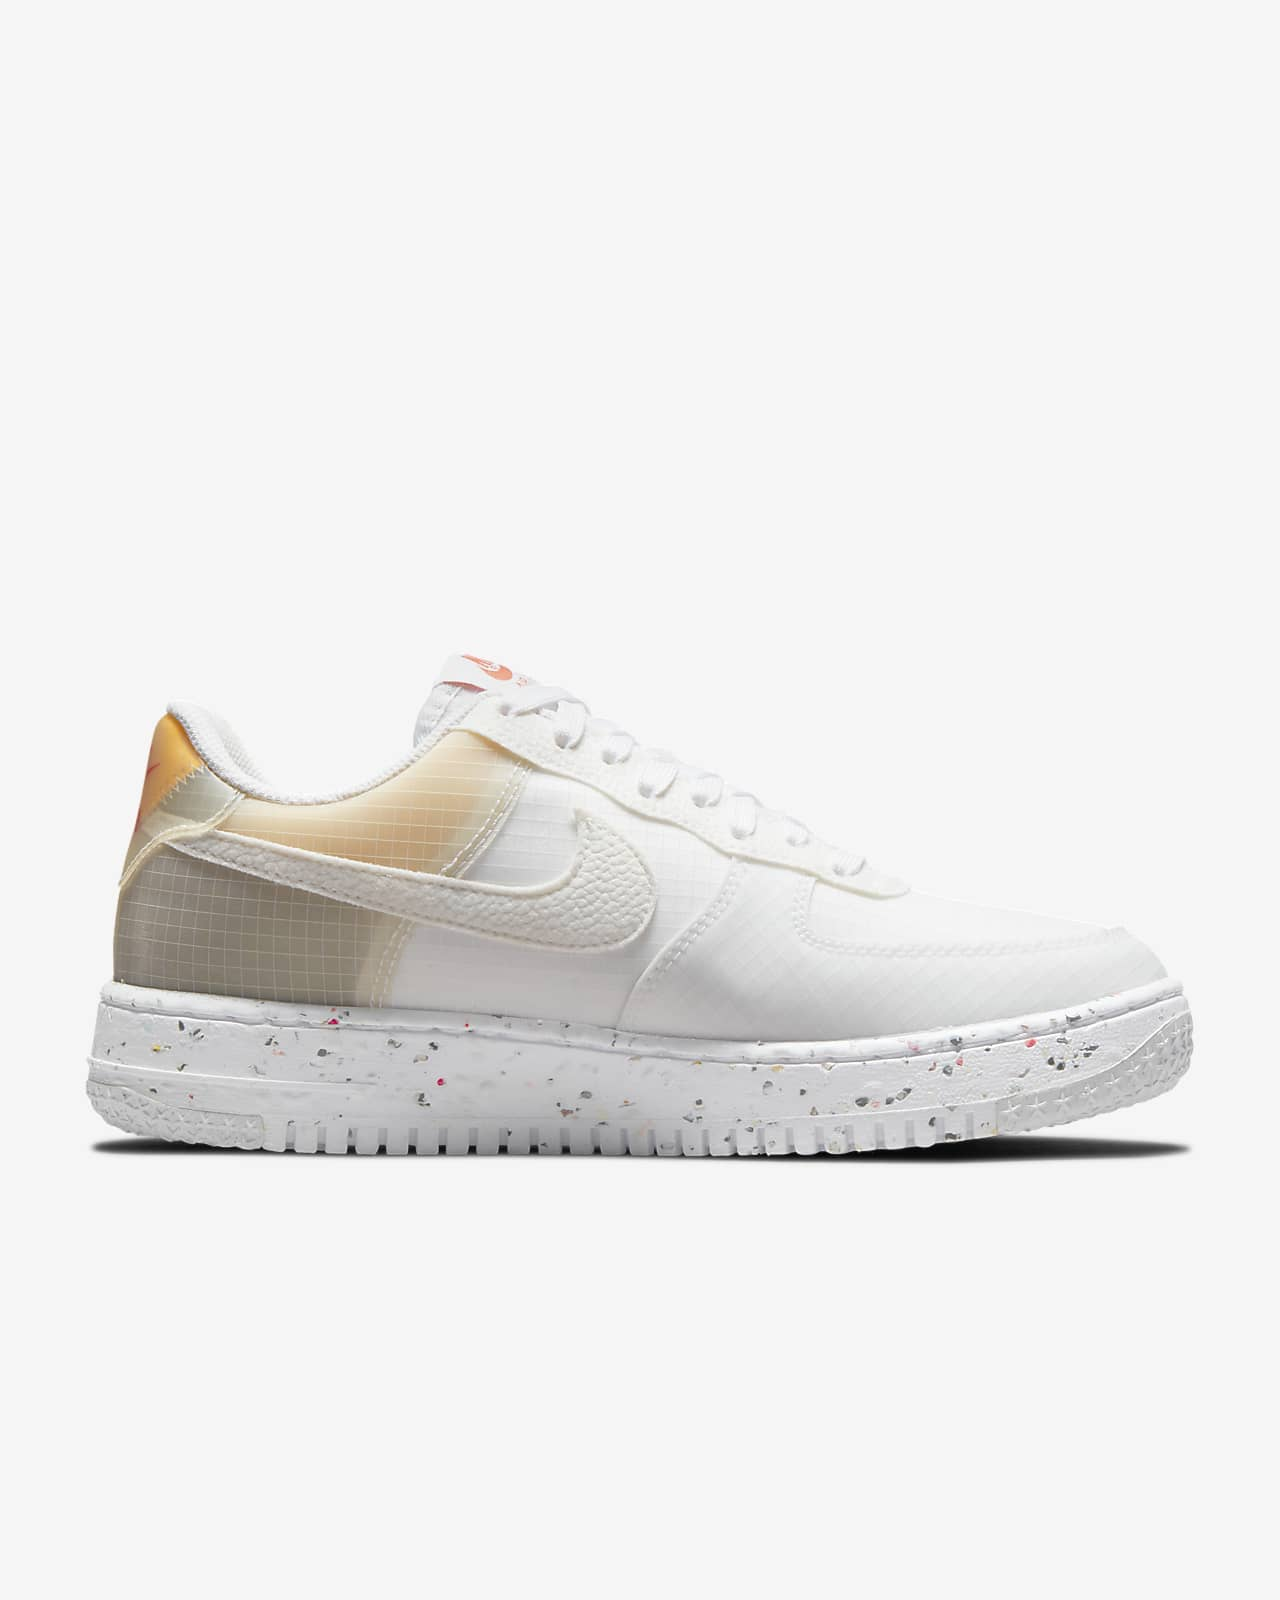 Nike Air Force 1 Crater Women's Shoe. Nike LU